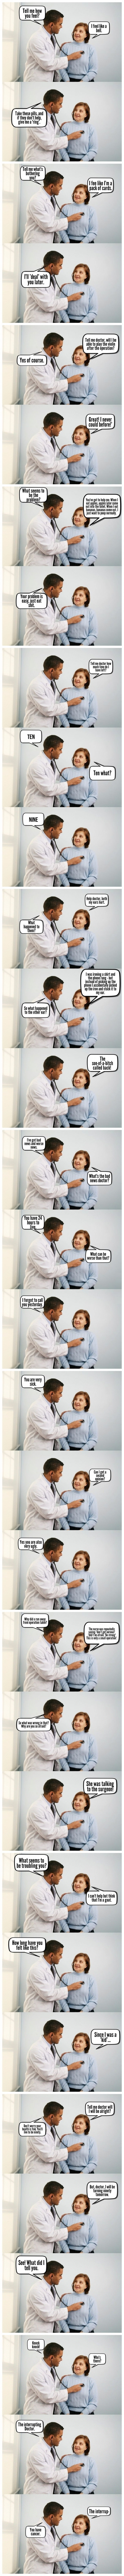 Doctor & patient jokes